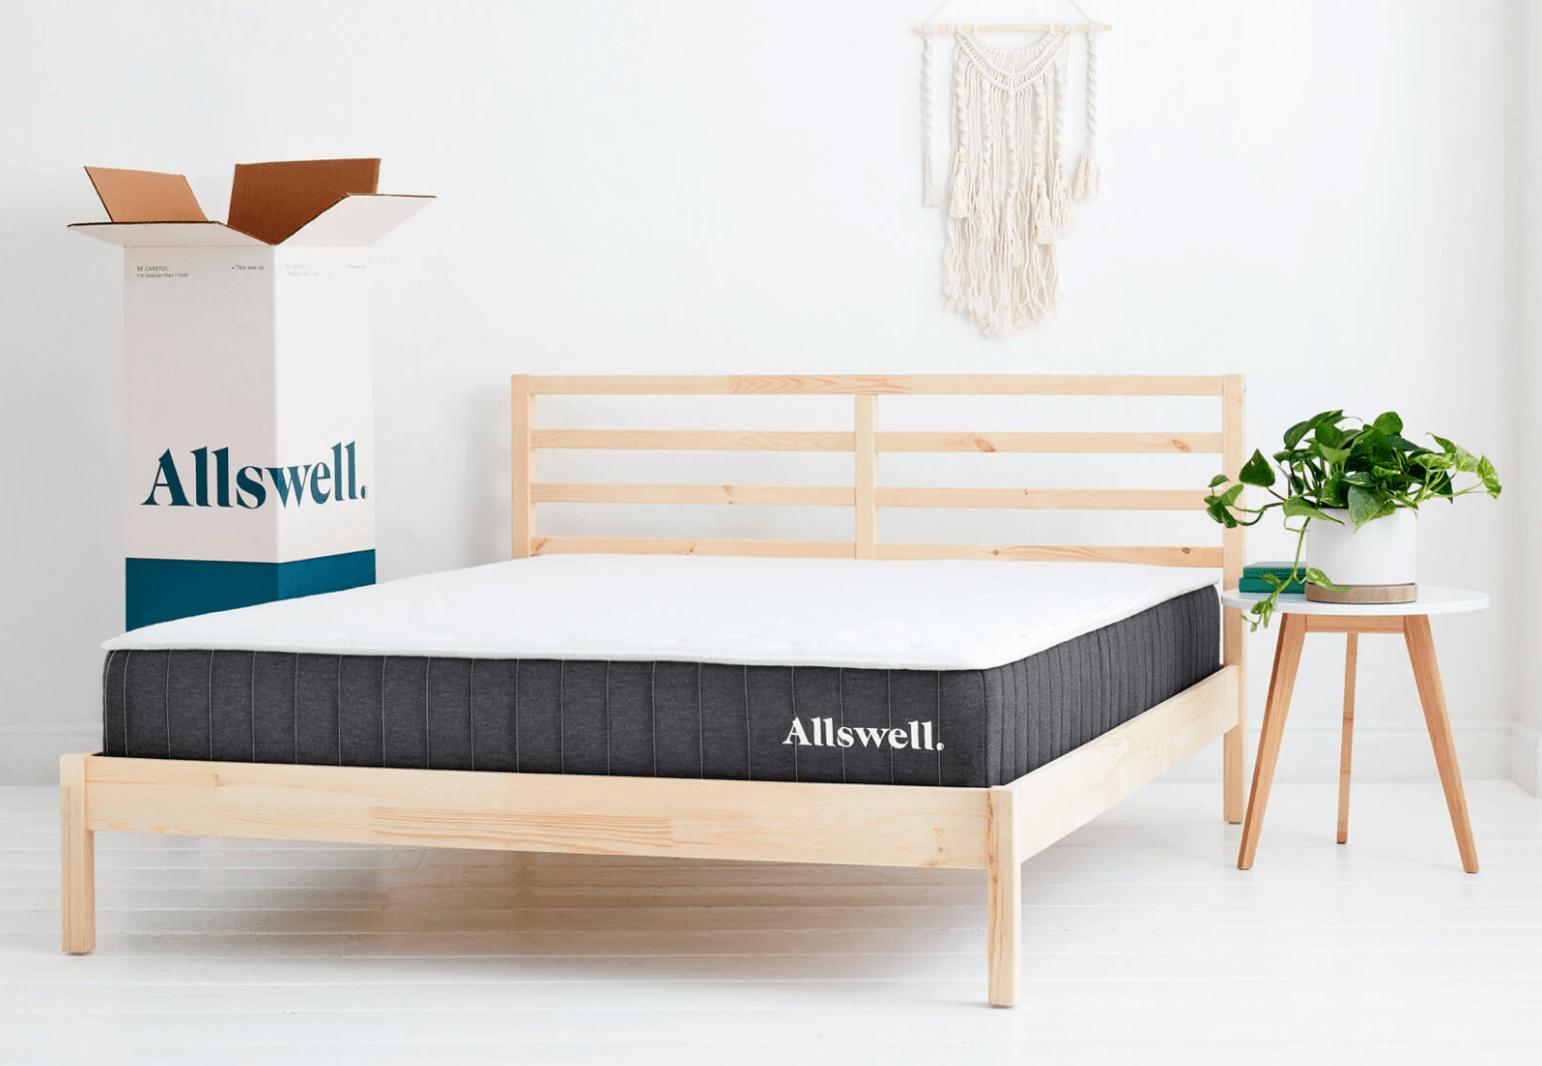 Best Firm Mattress; The Allswell